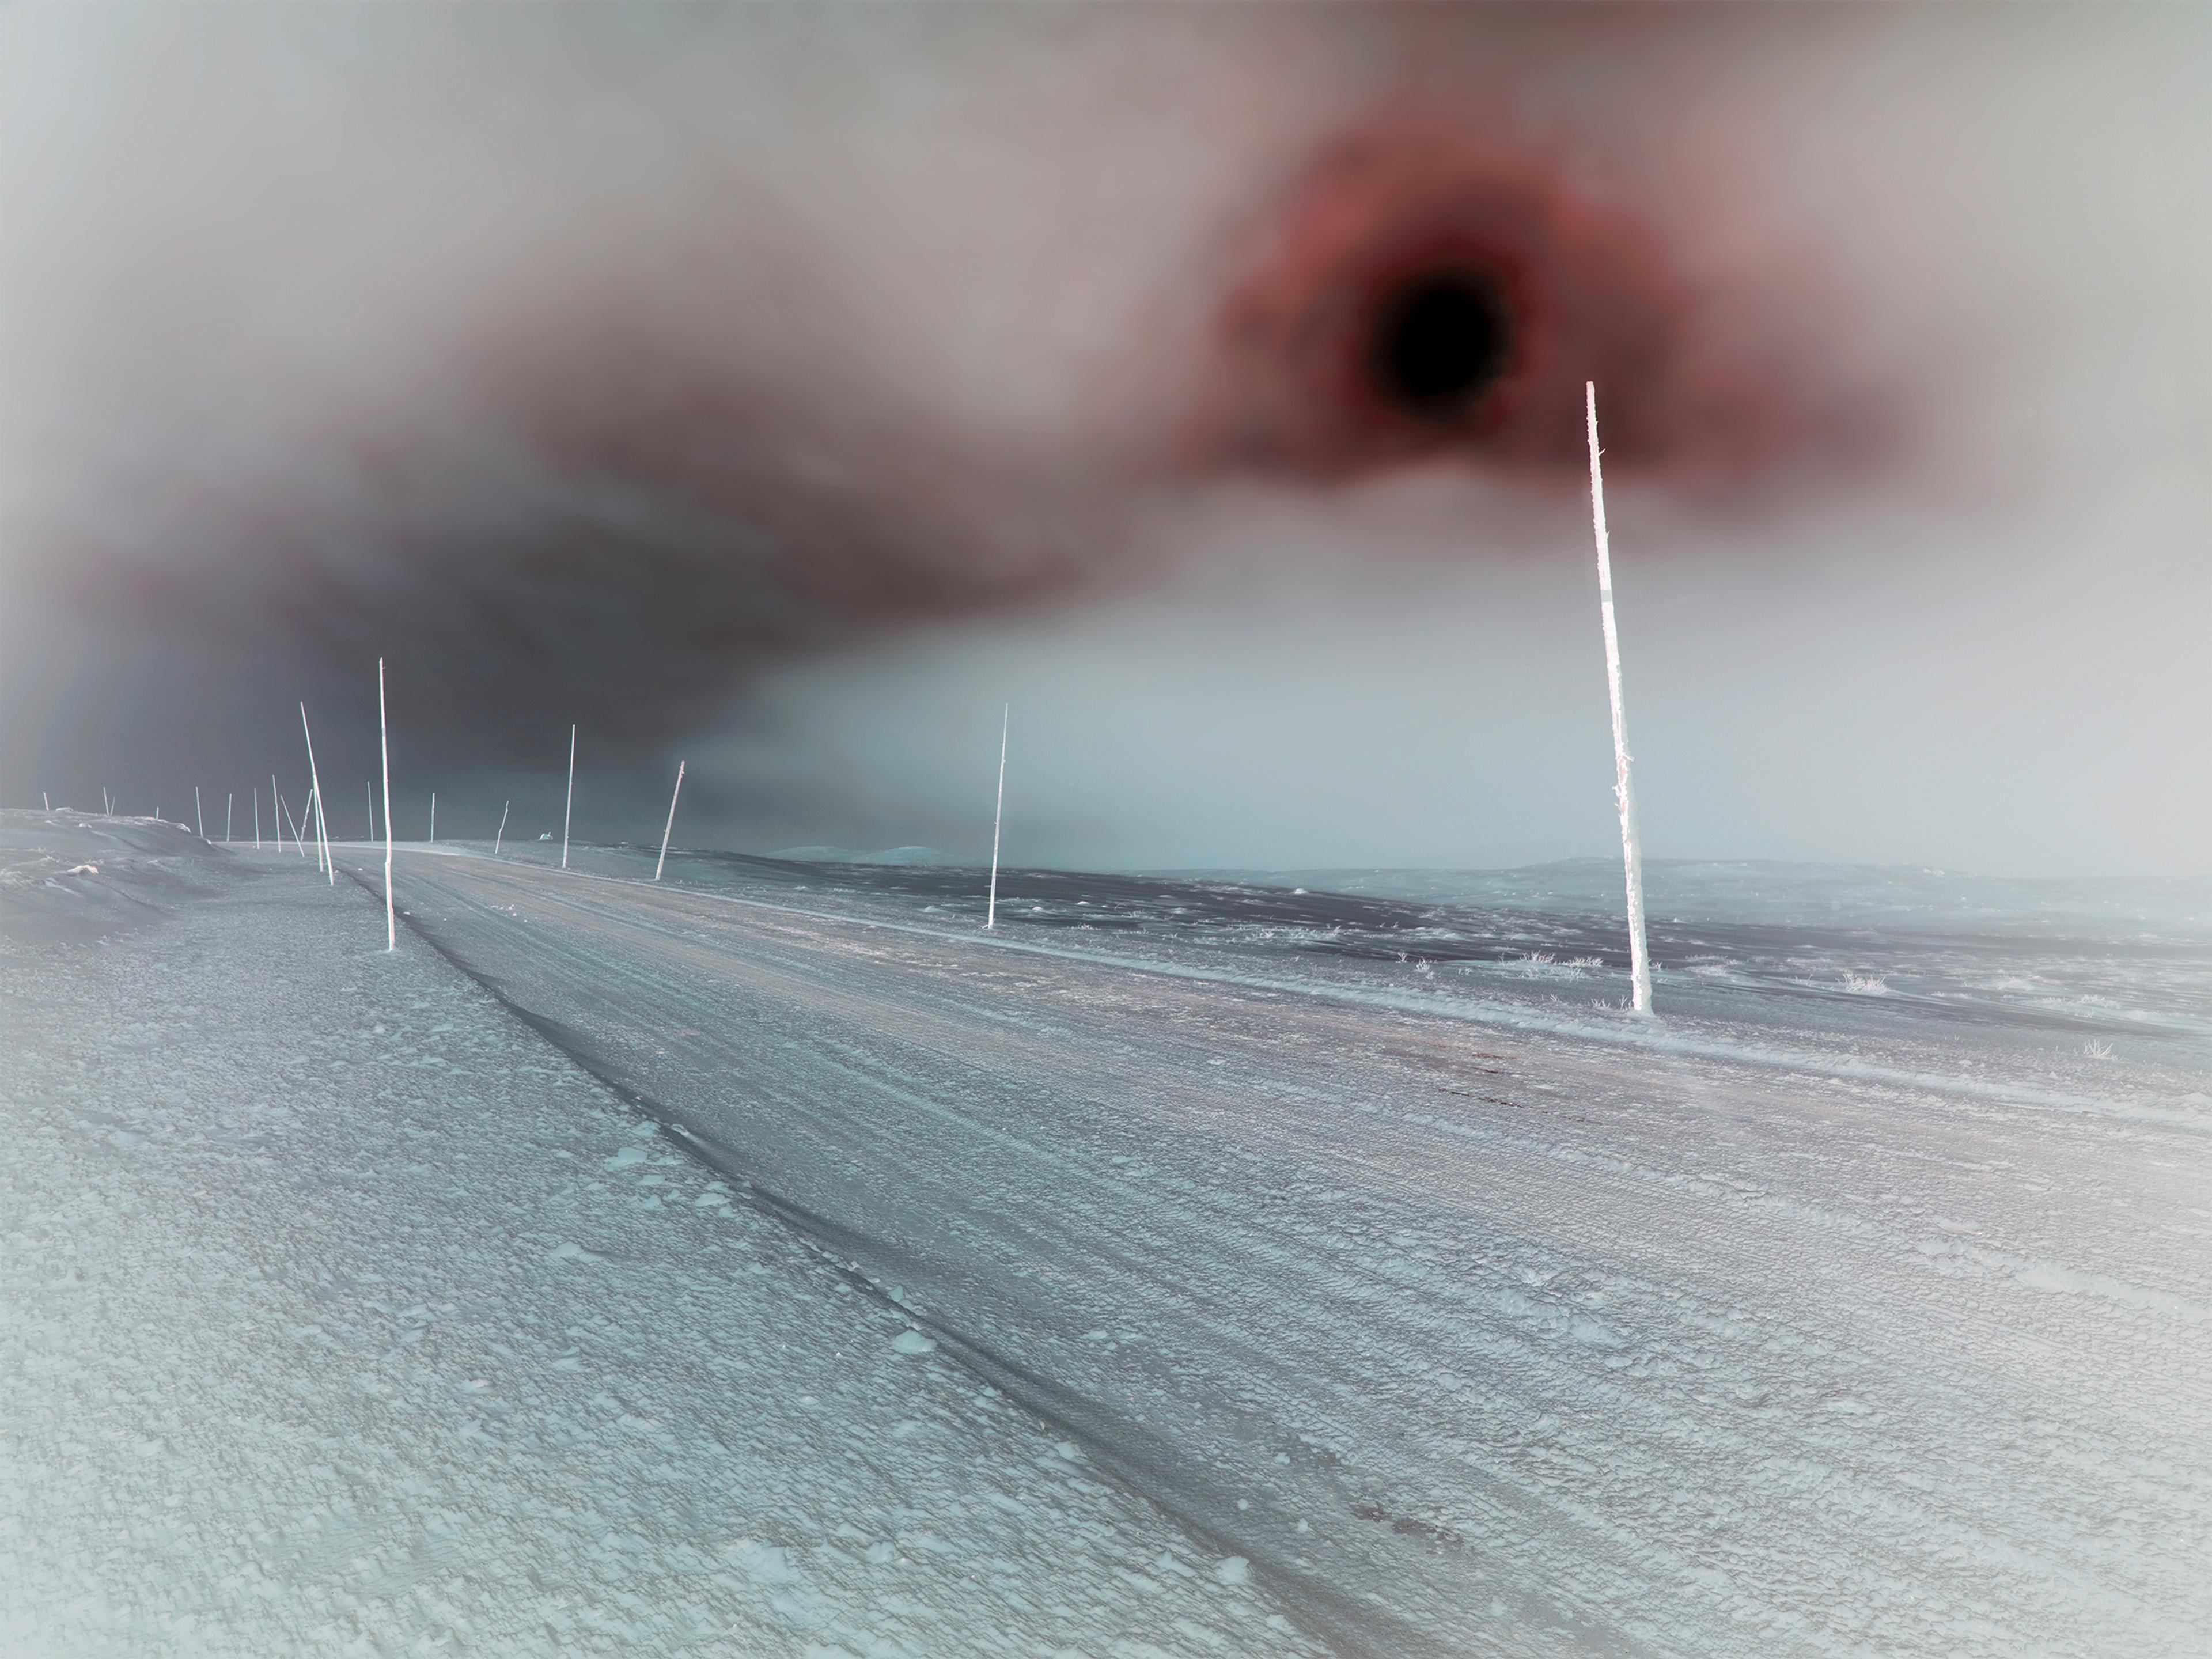 artwork Moments with Edward Munch #1 by Ivo von Renner